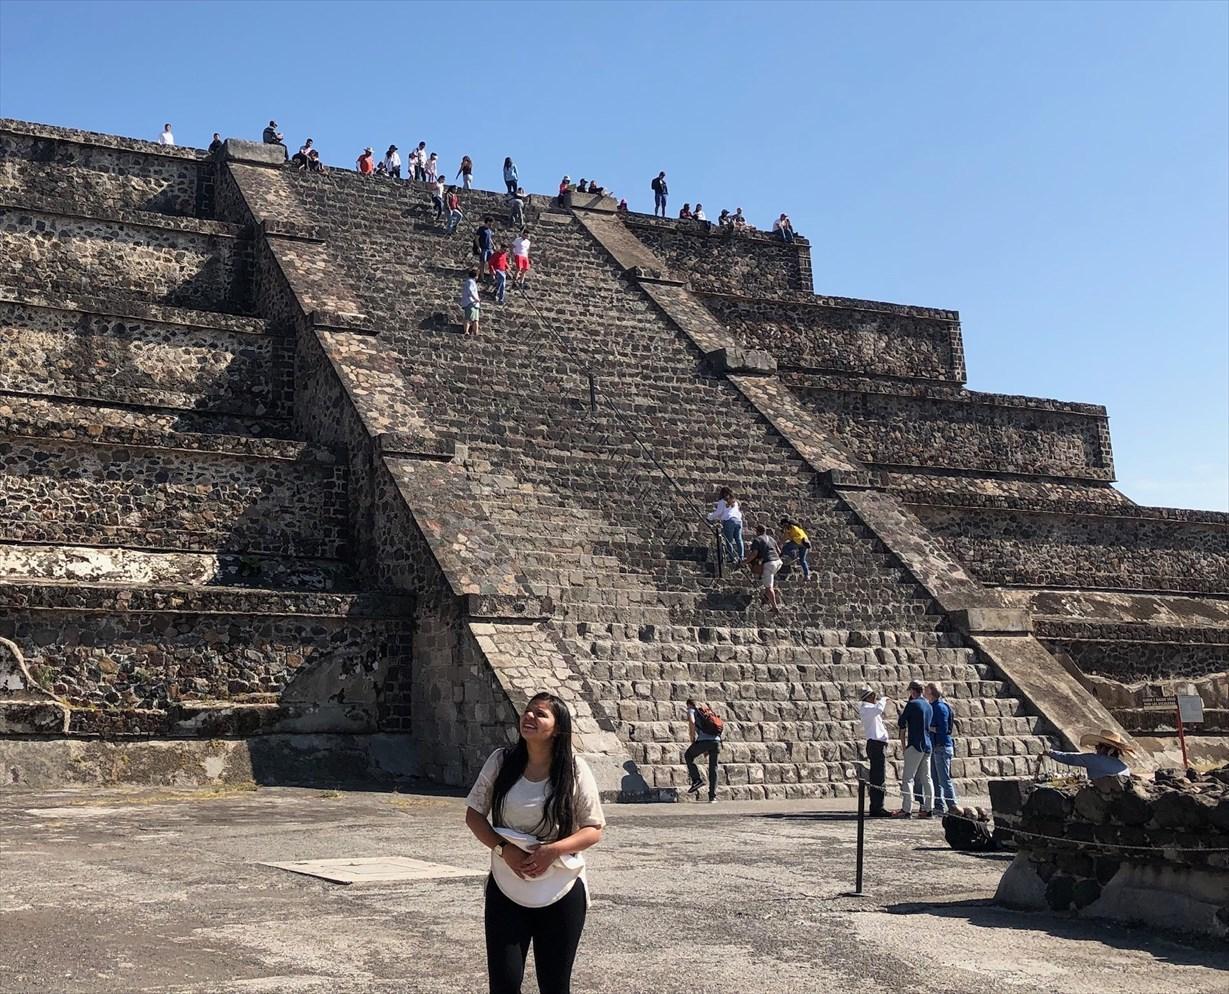 中南米の旅/66 月のピラミッド@メキシコ・テオティワカン遺跡_a0092659_16464512.jpg